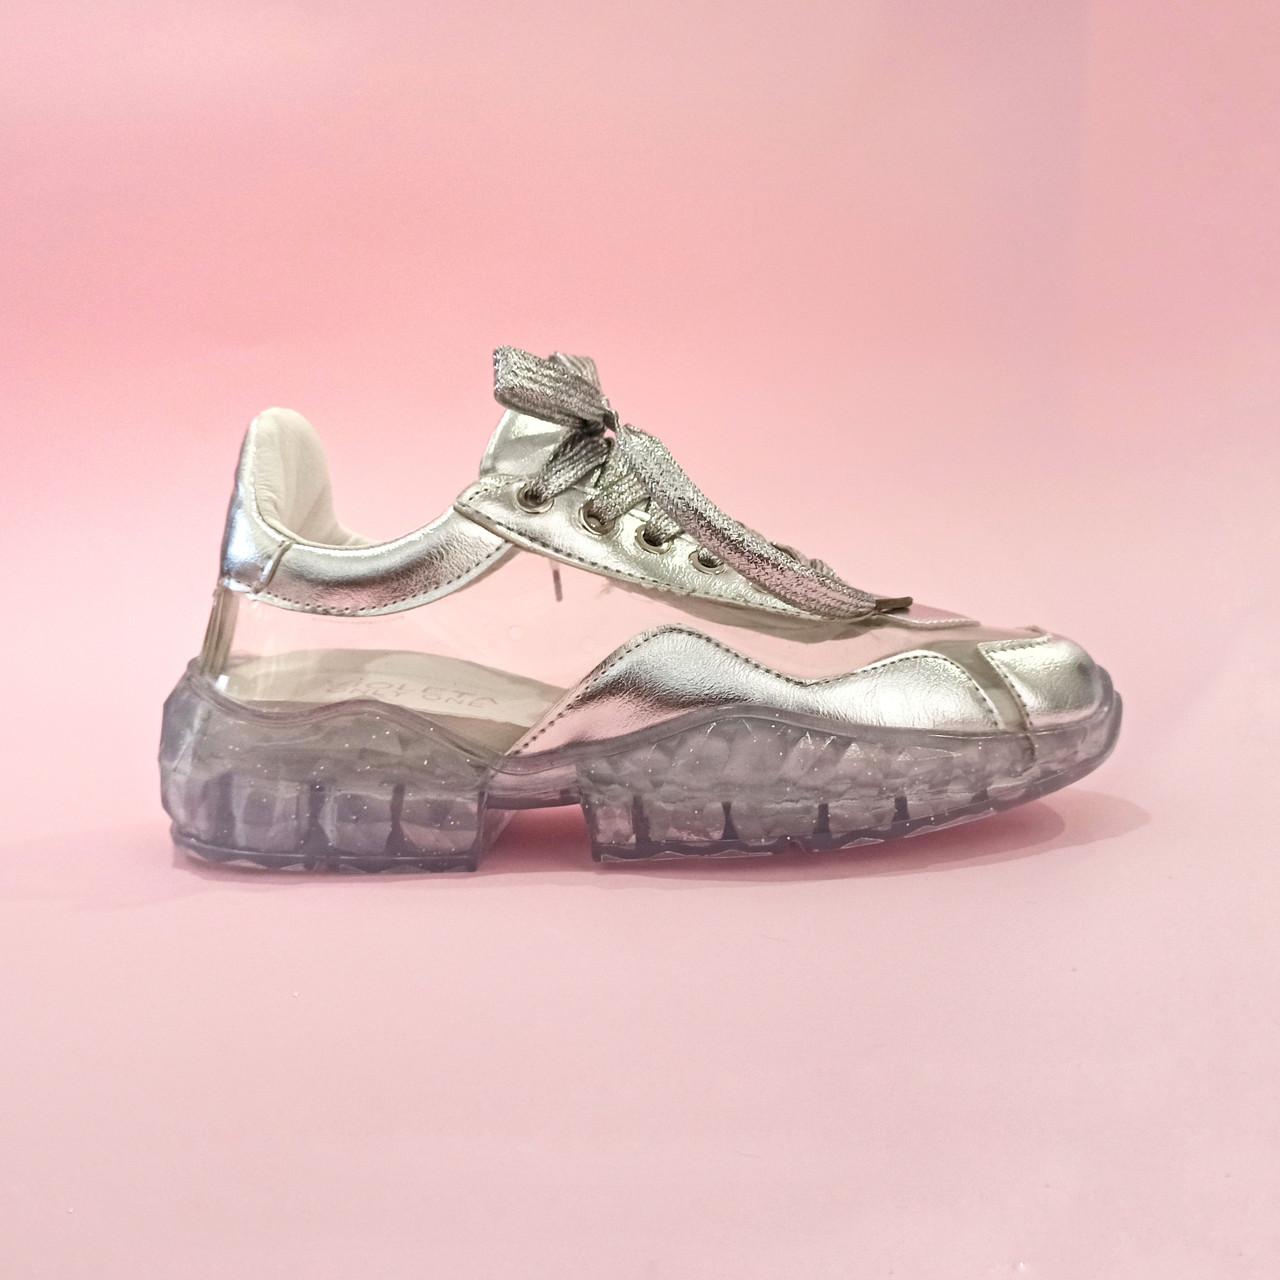 Violeta / Кроссовки Jimmy Choo diamond серебряные с прозрачной подошвой прозрачные кроссовки джимми Чу   реплика копия